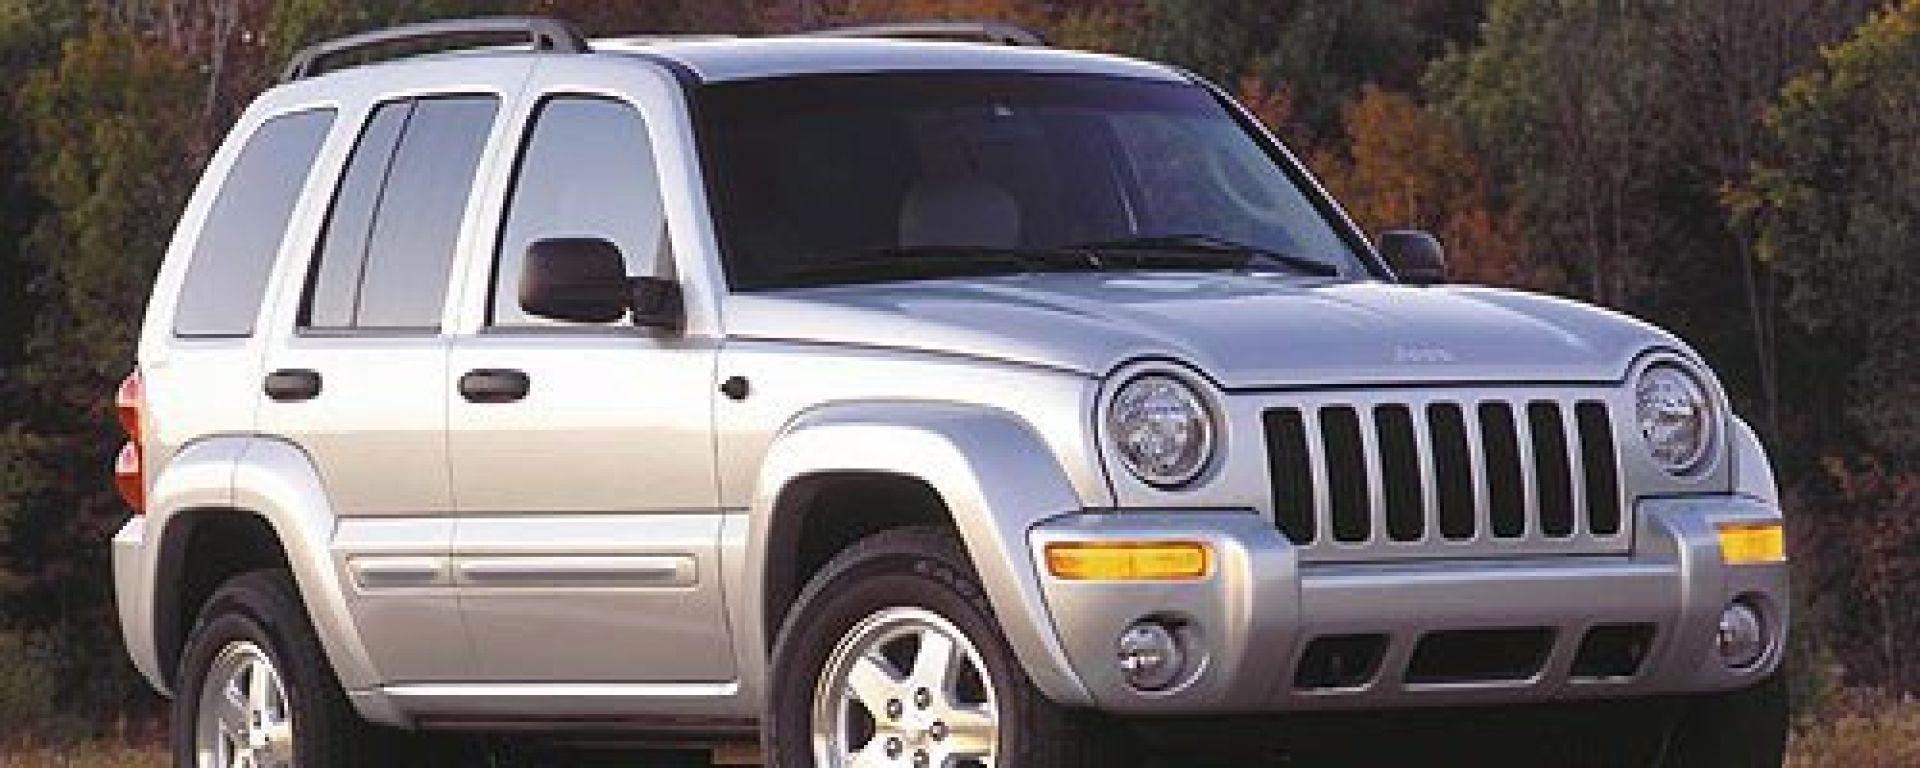 Jeep Cherokee my 2001